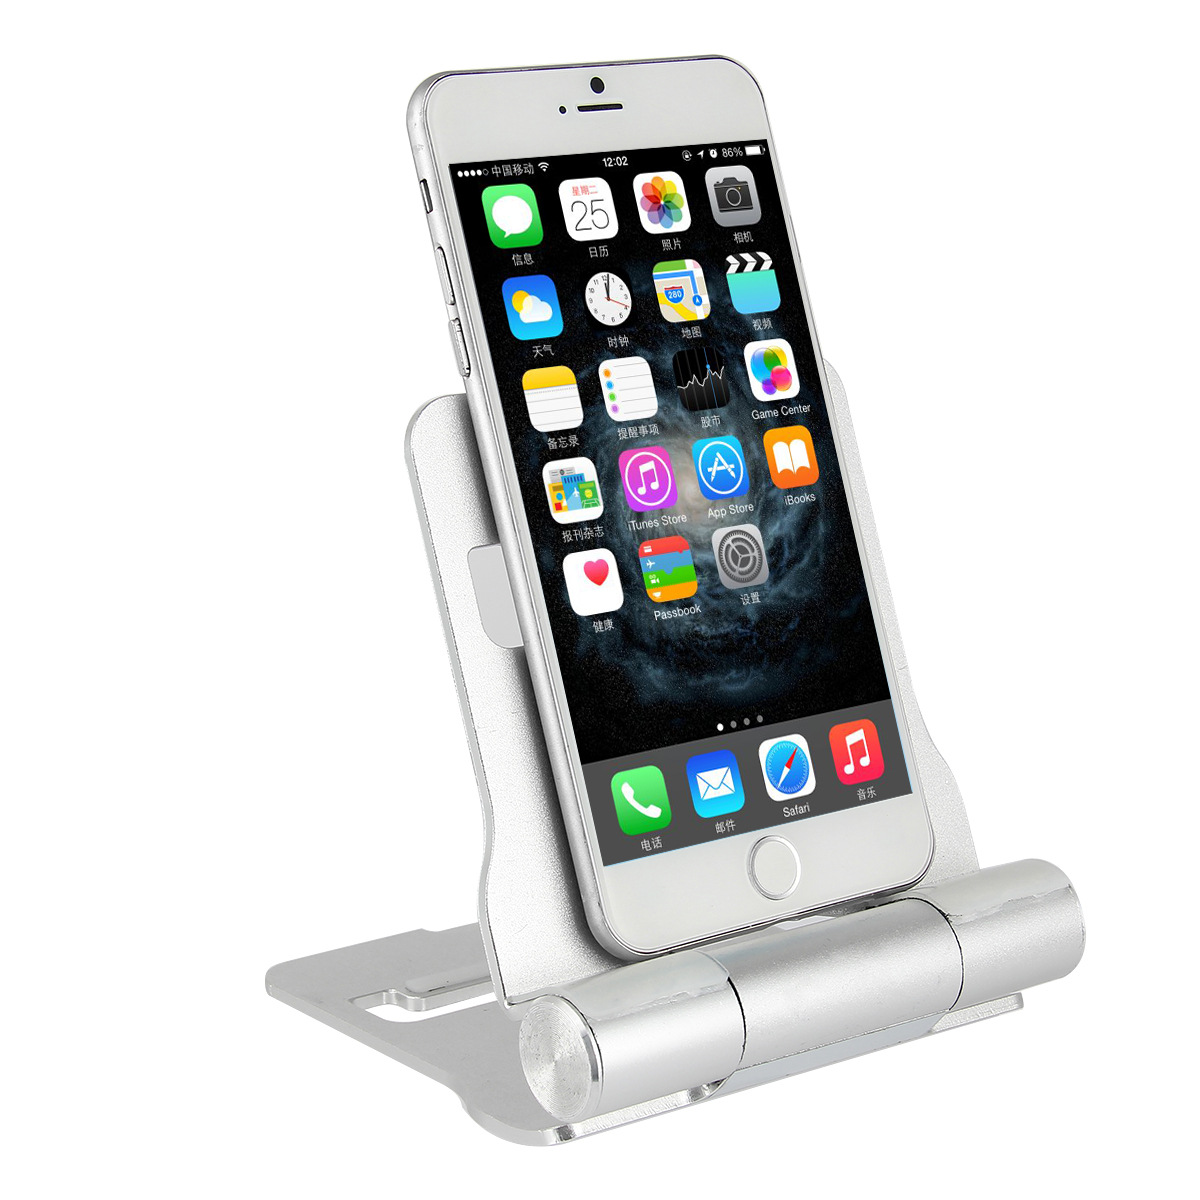 Sản phẩm mới phẳng khung nhôm điện thoại di động phẳng khung có thể gập lại khung điện thoại di động